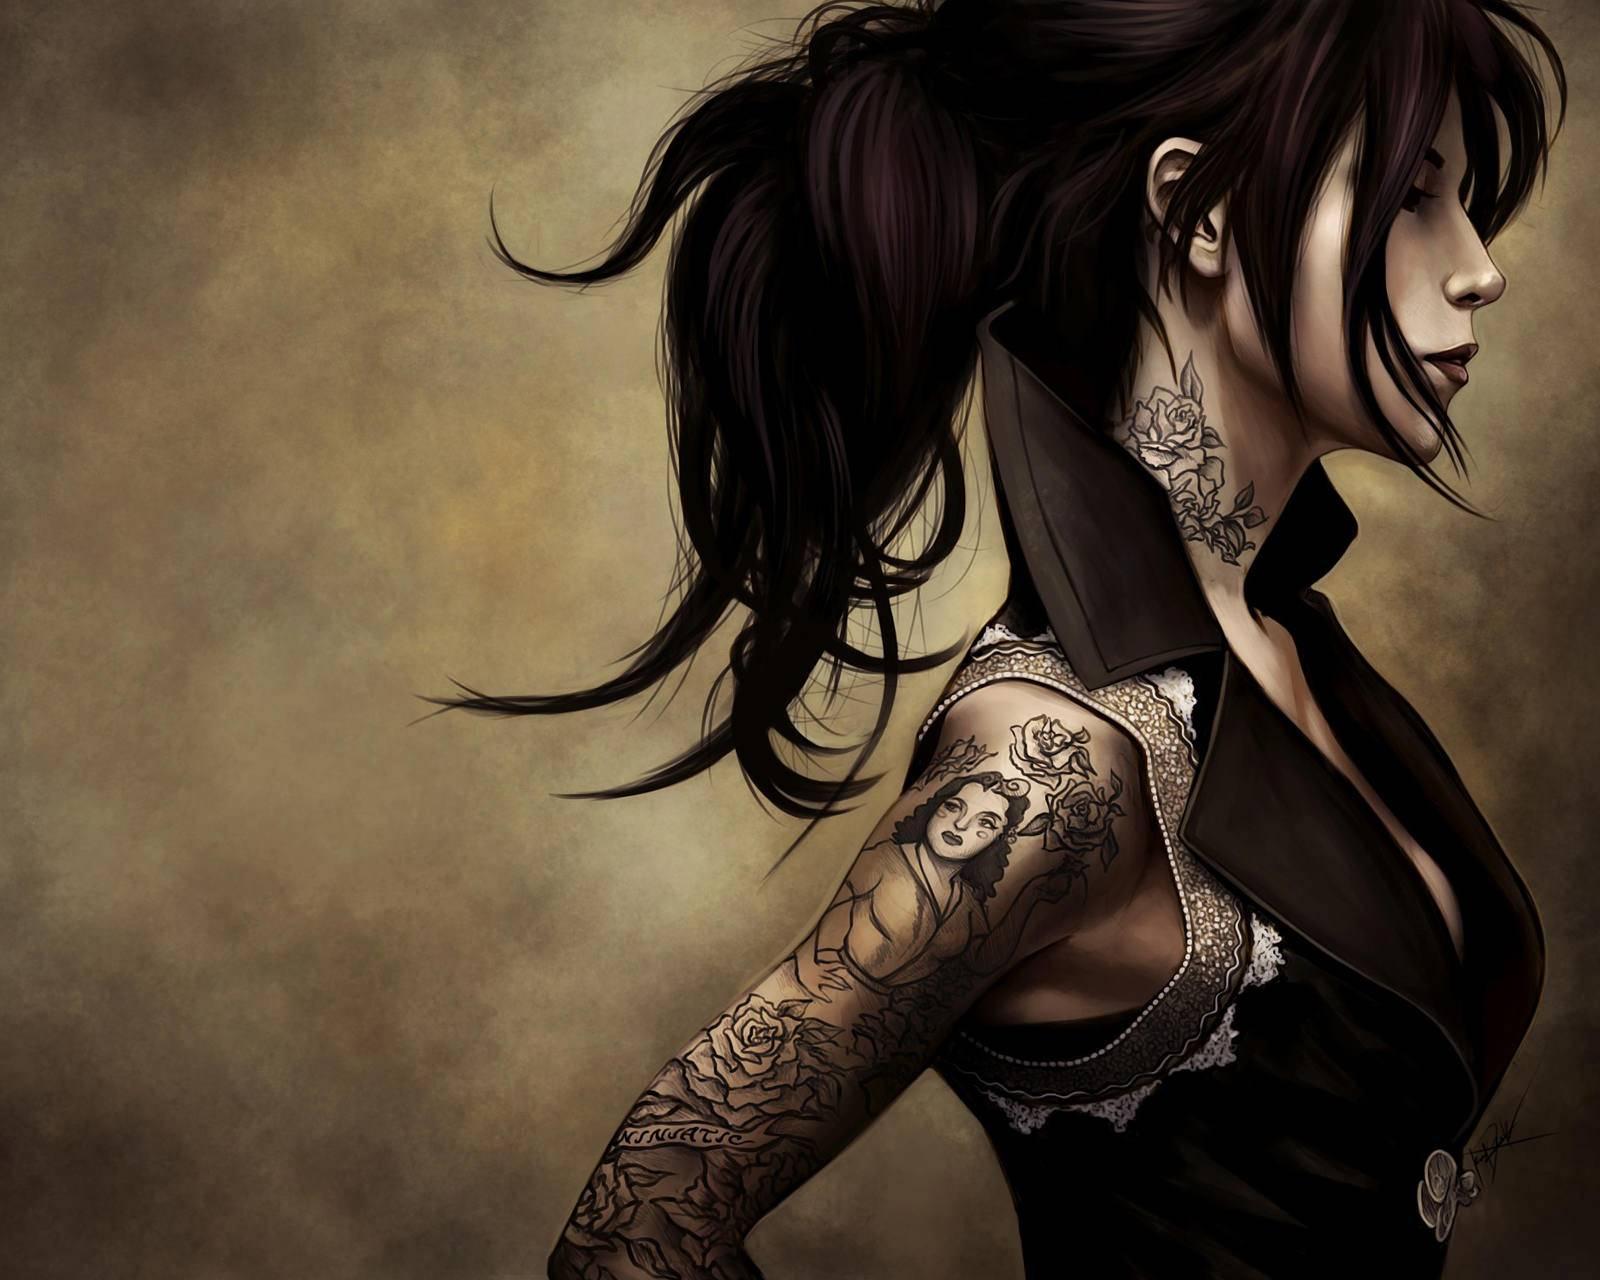 Tatoo Girl Hd